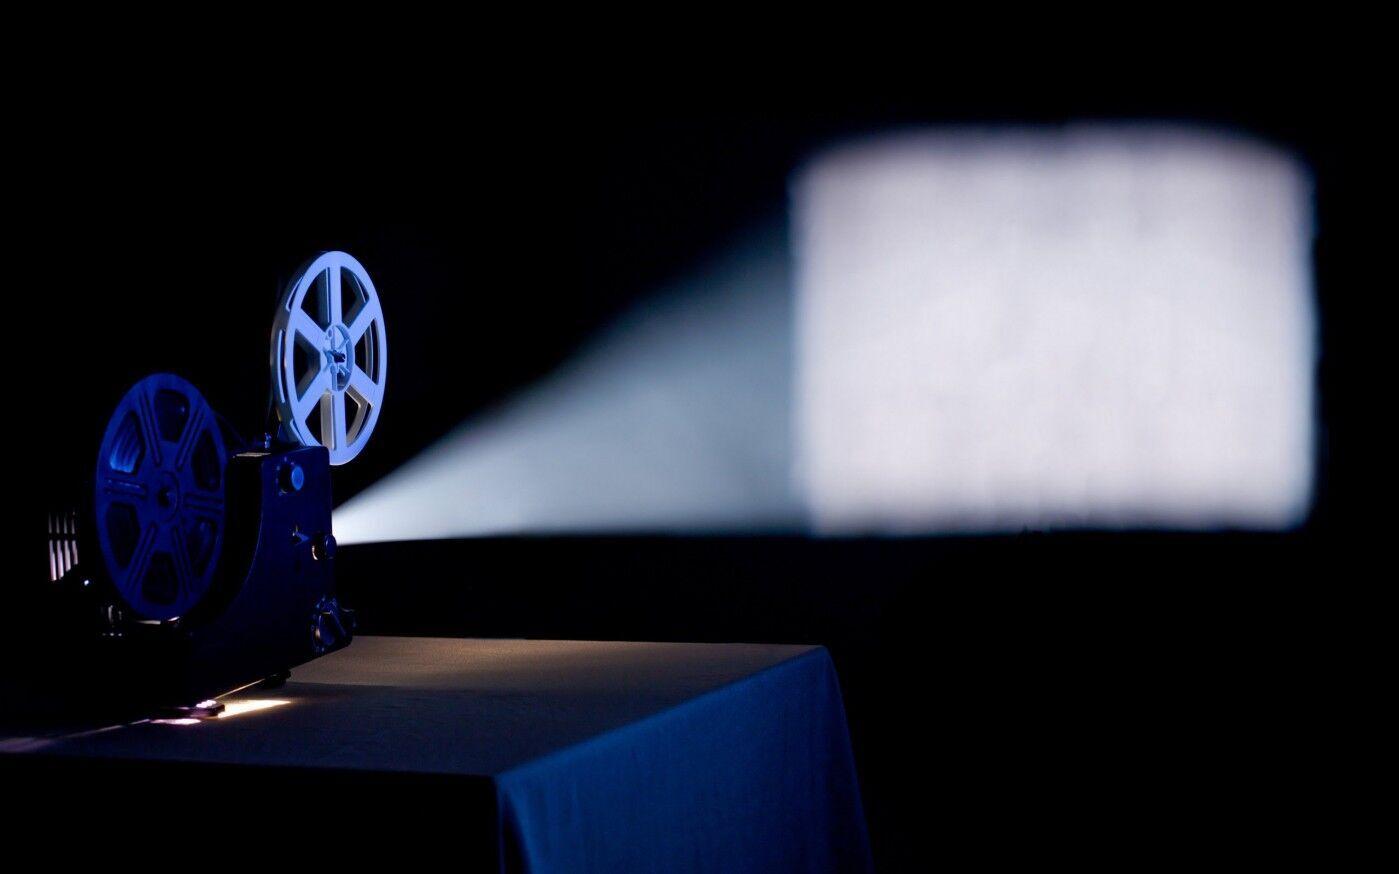 Госкино разрешило демонстрировать в Украине российские фильмы